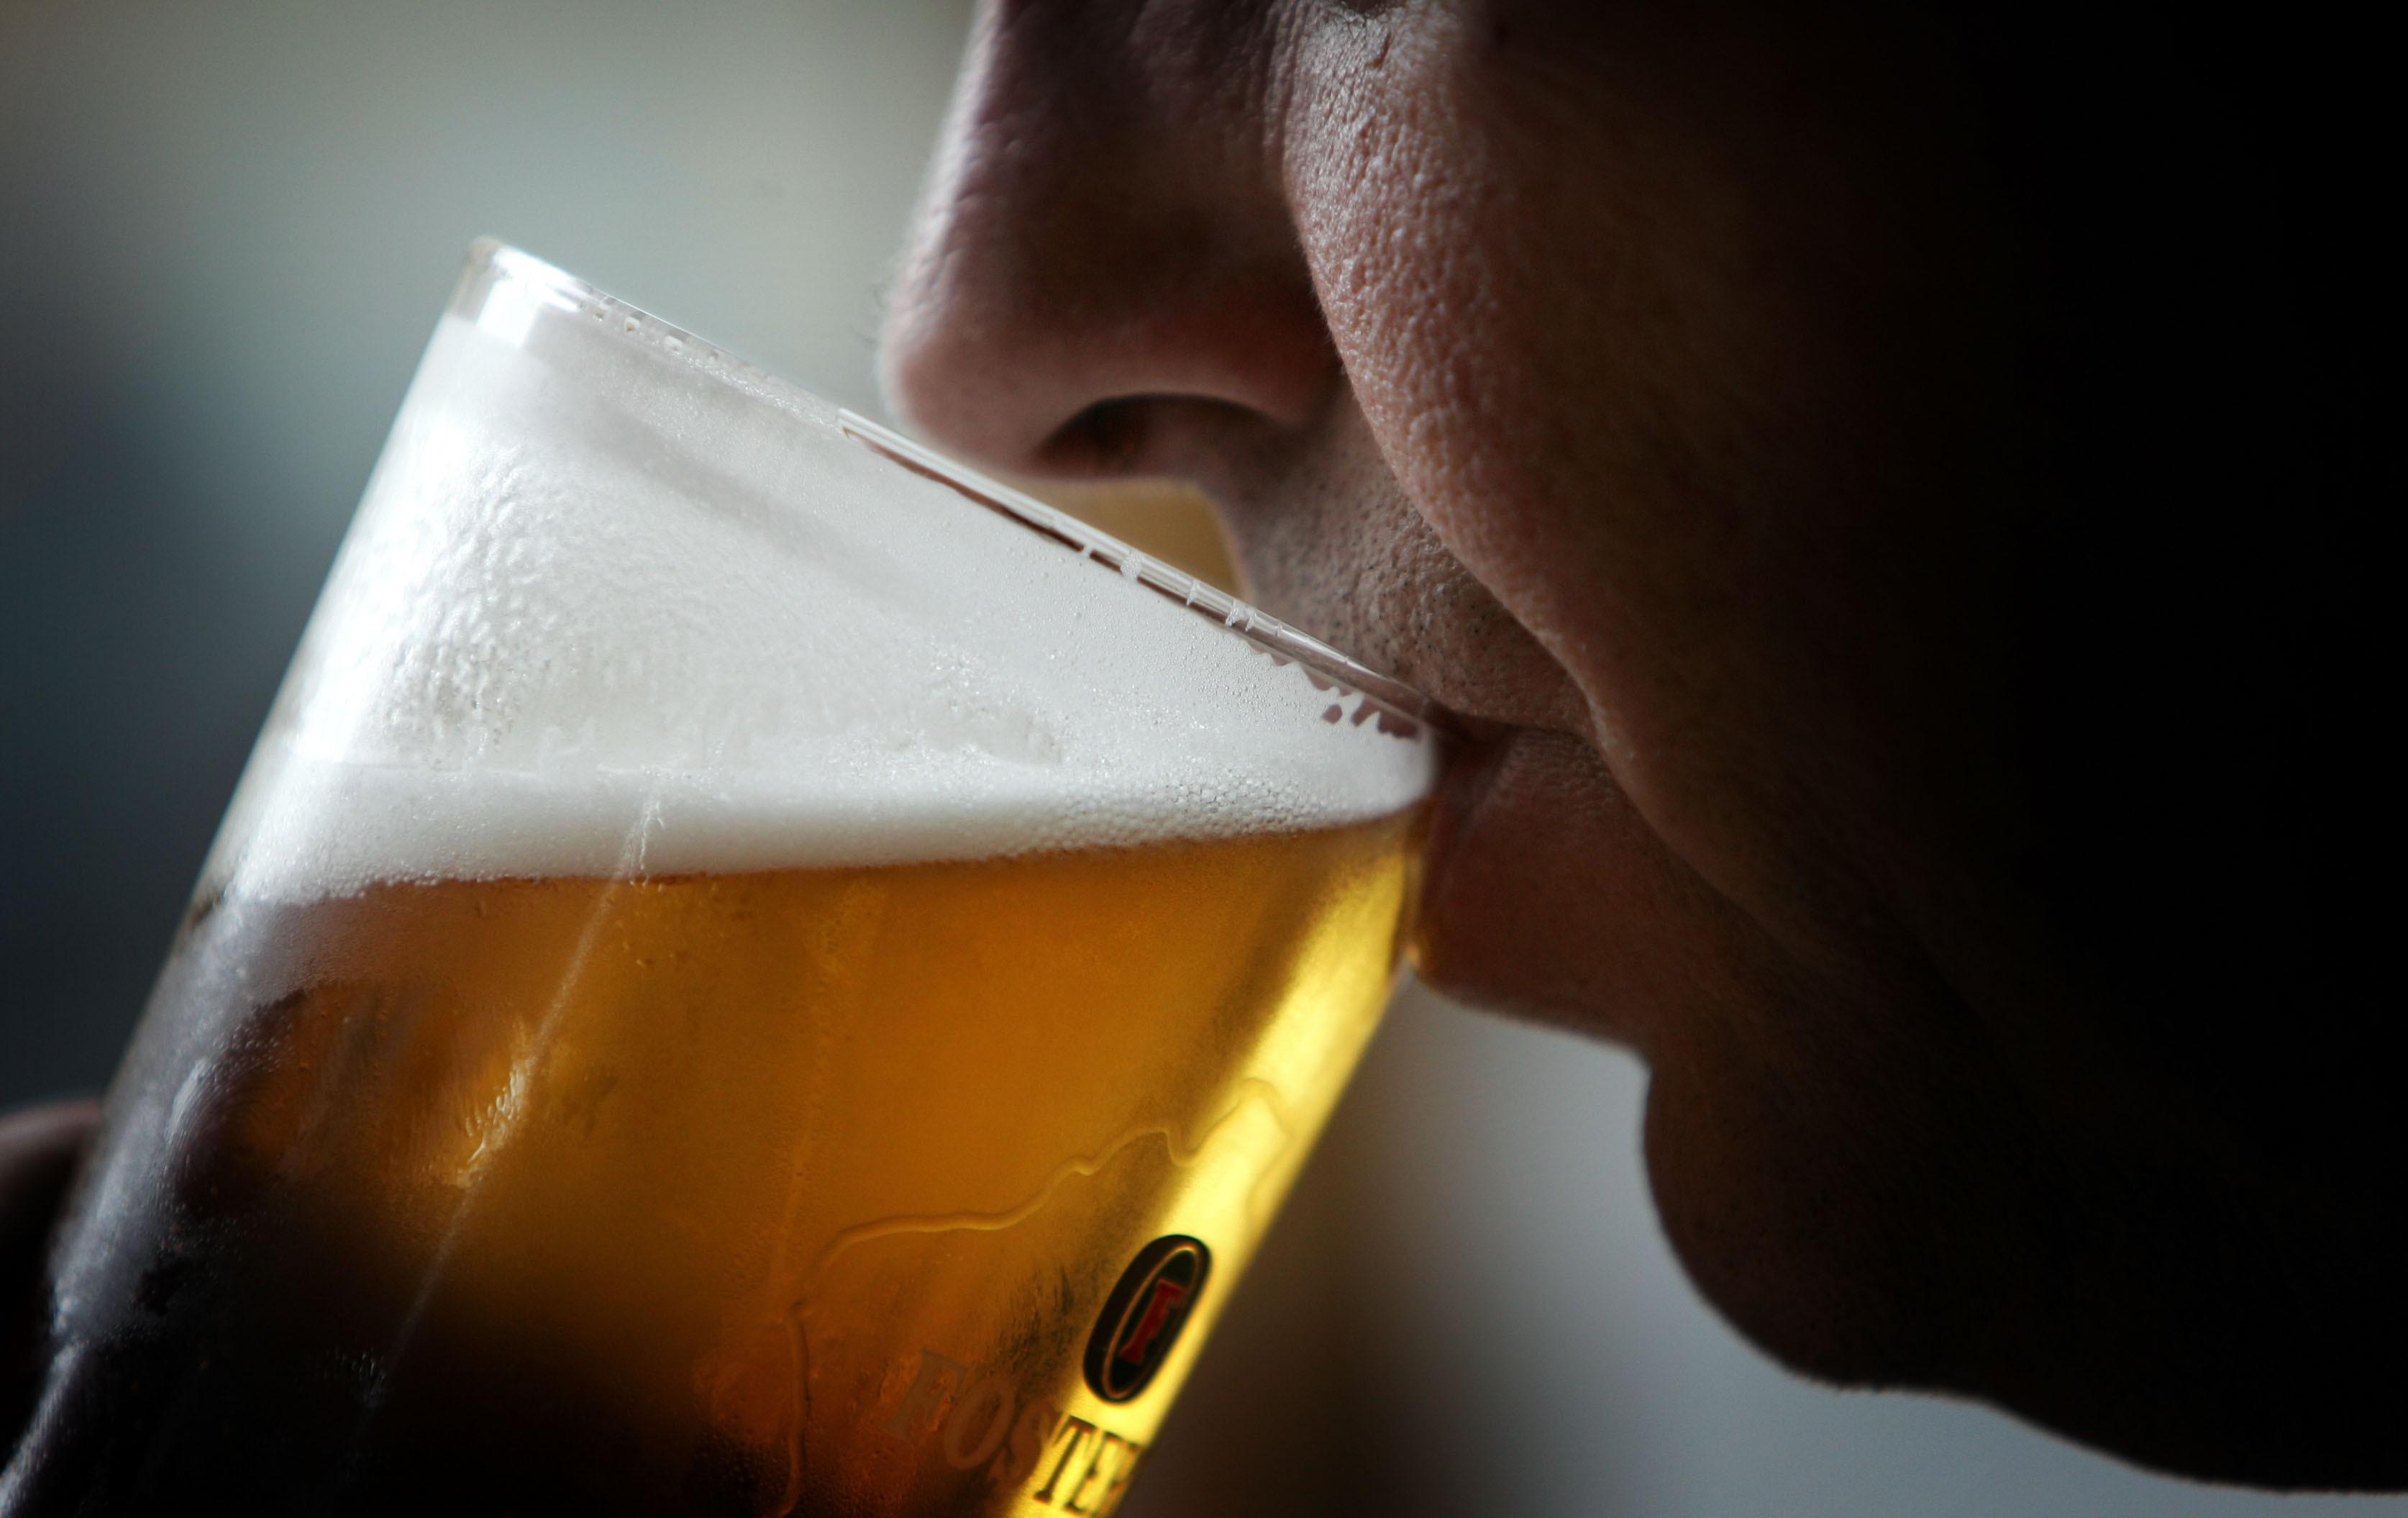 Sommelier de cervejas, uma profissão que exige técnica e paixão pela bebida (Foto: Getty Images)